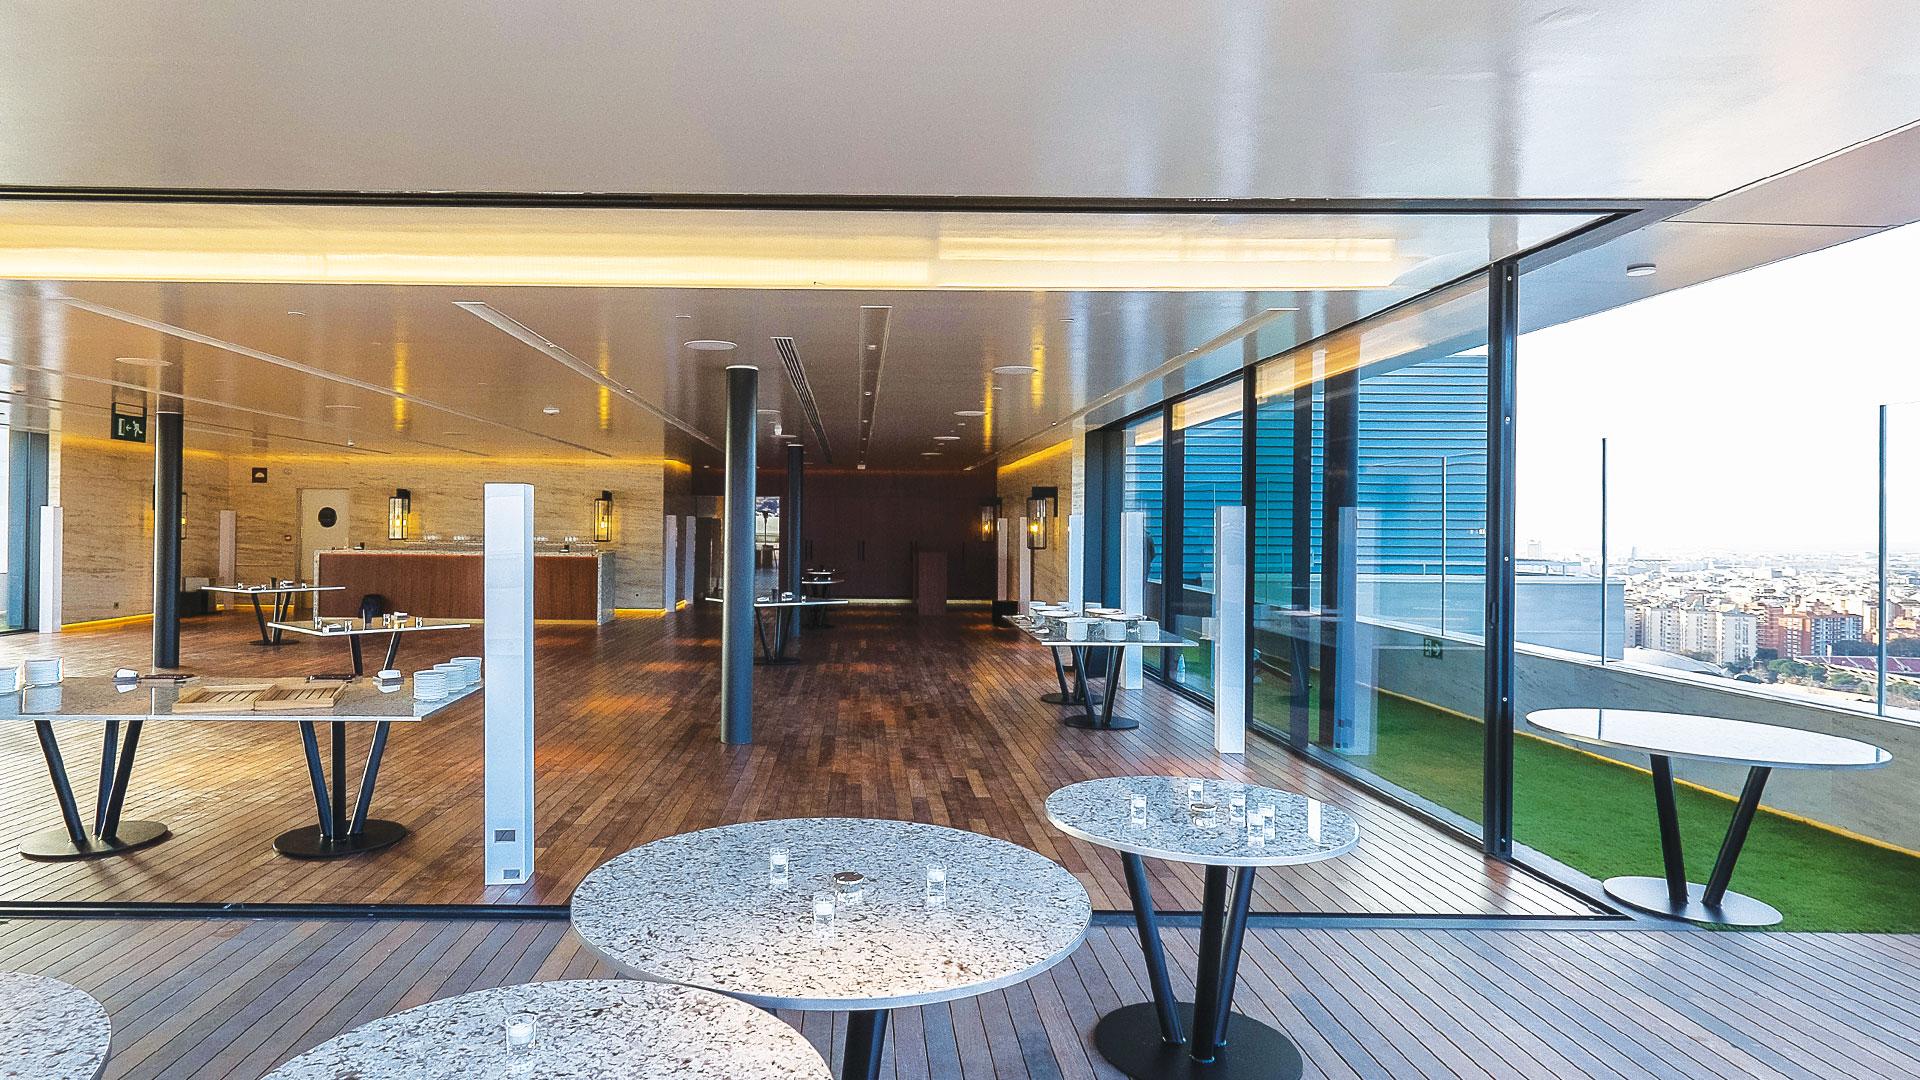 ventana-minimalista-barcelona_apertura-en-esquina_creawindows